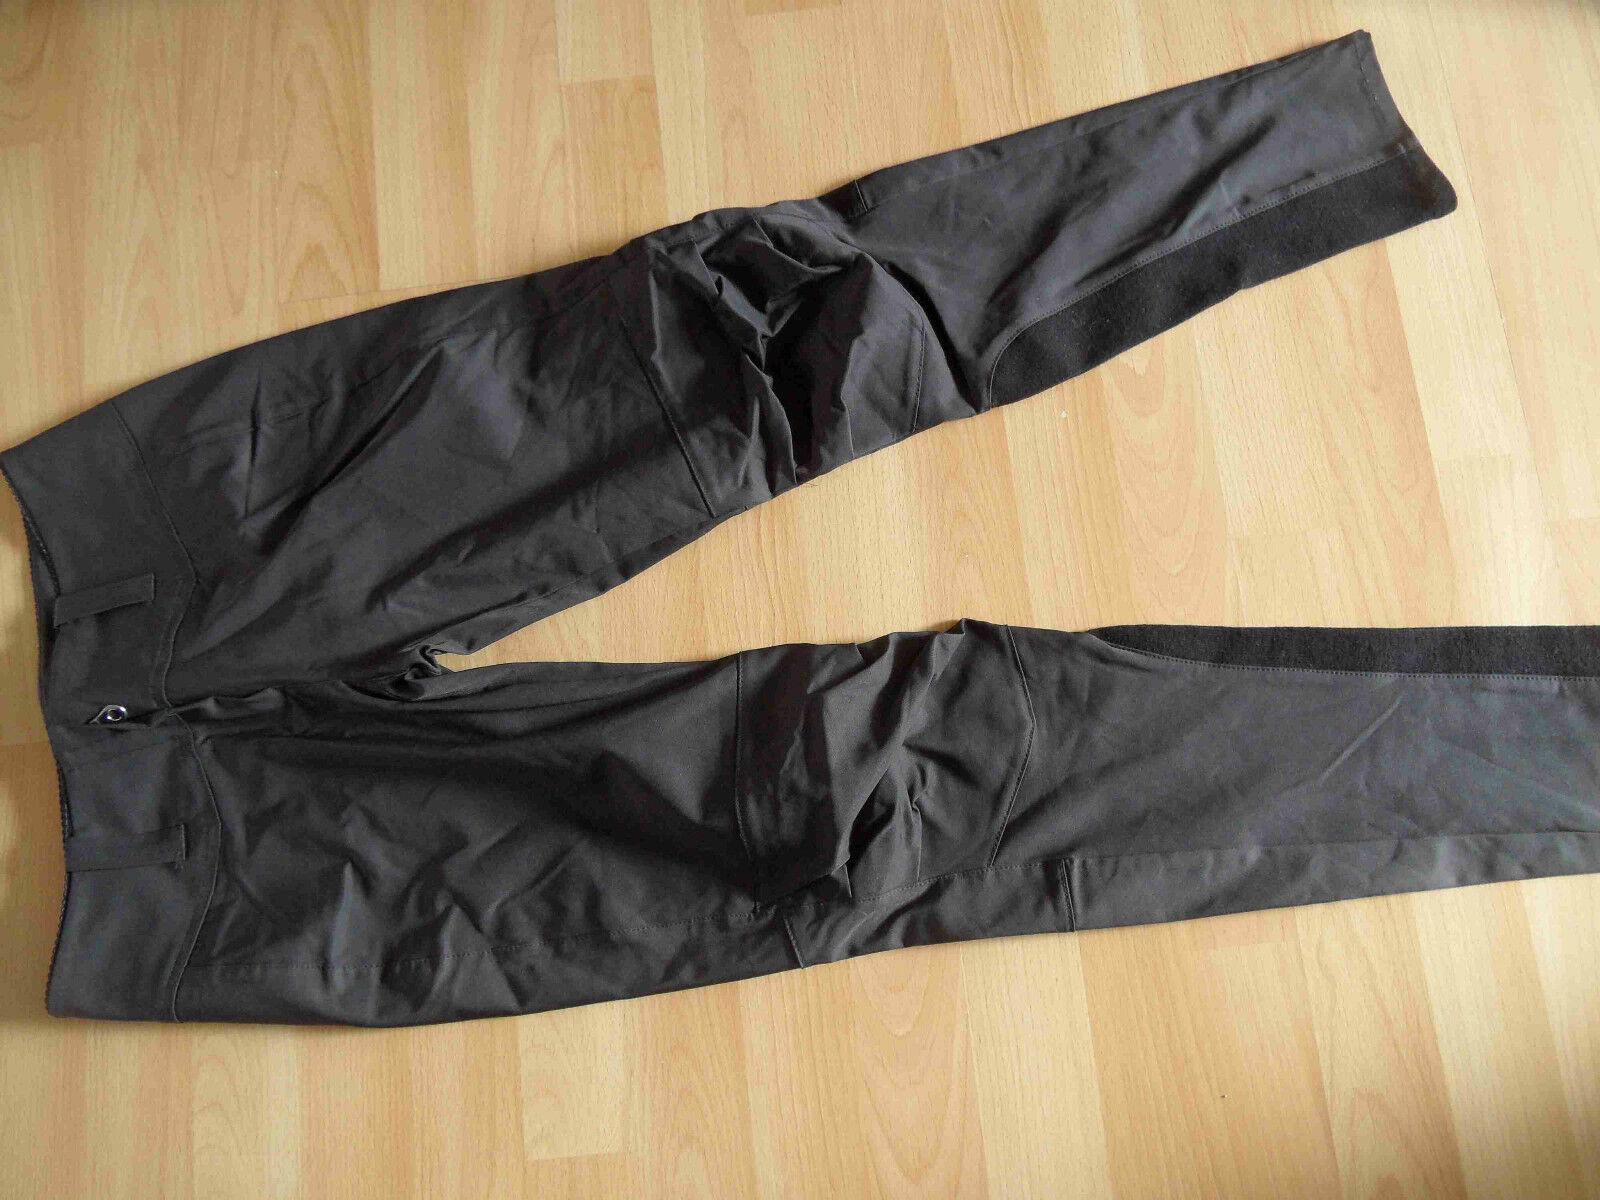 TRICOT CHIC   stylische Stretchhose Stiefelhose  schwarz Gr. 36 NEUw. ZC915